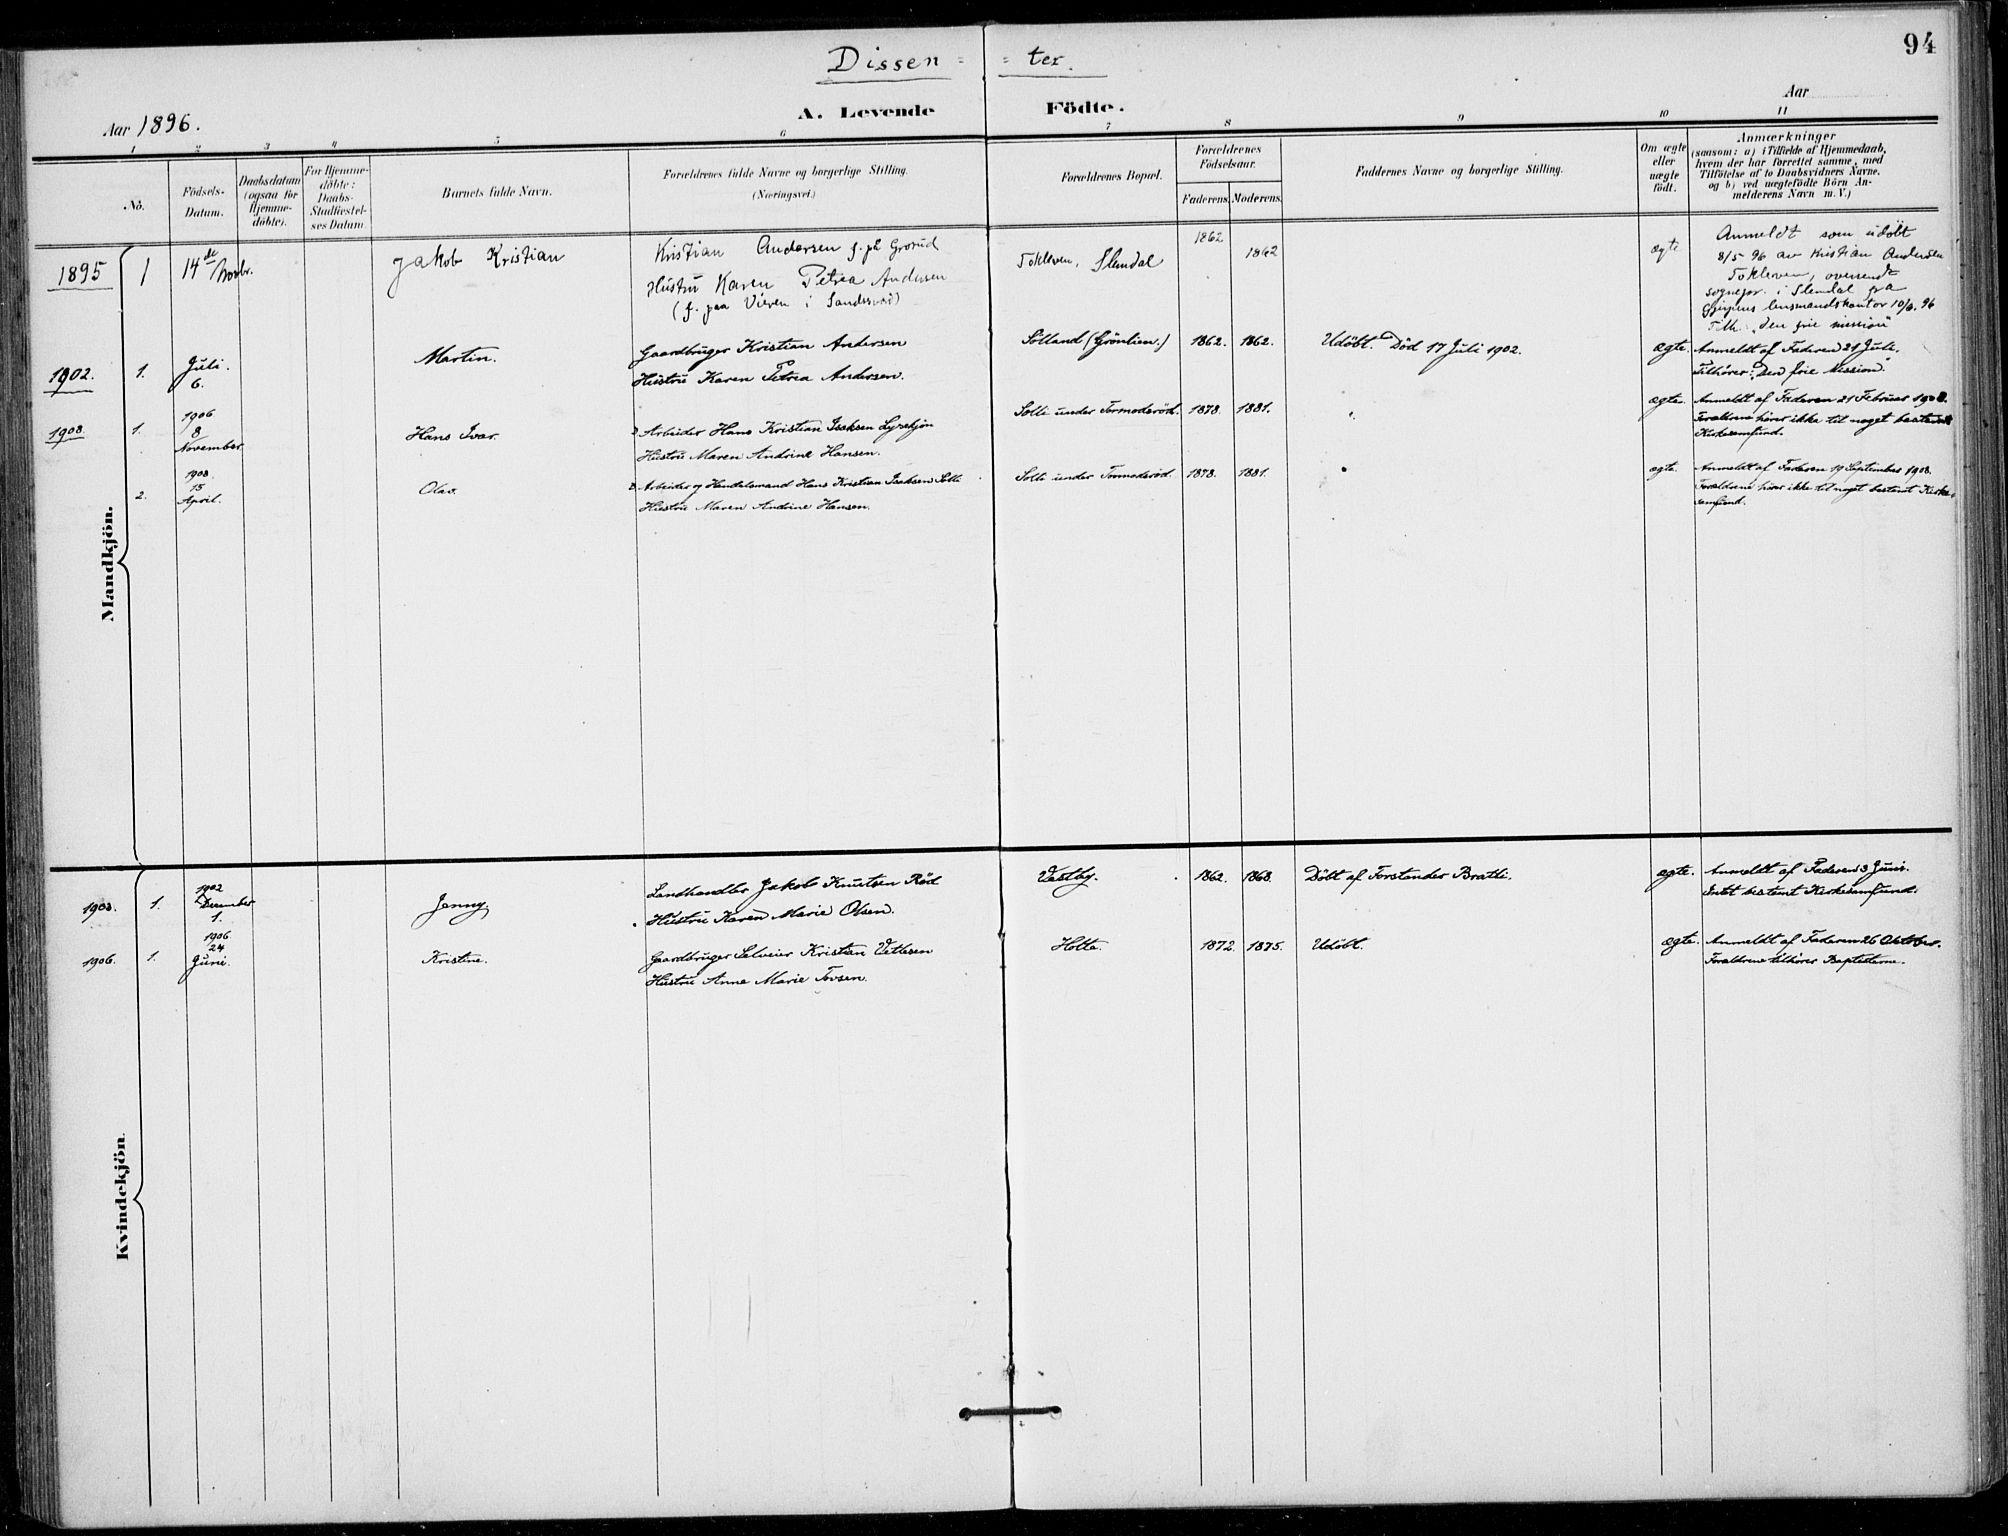 SAKO, Siljan kirkebøker, F/Fa/L0003: Ministerialbok nr. 3, 1896-1910, s. 94